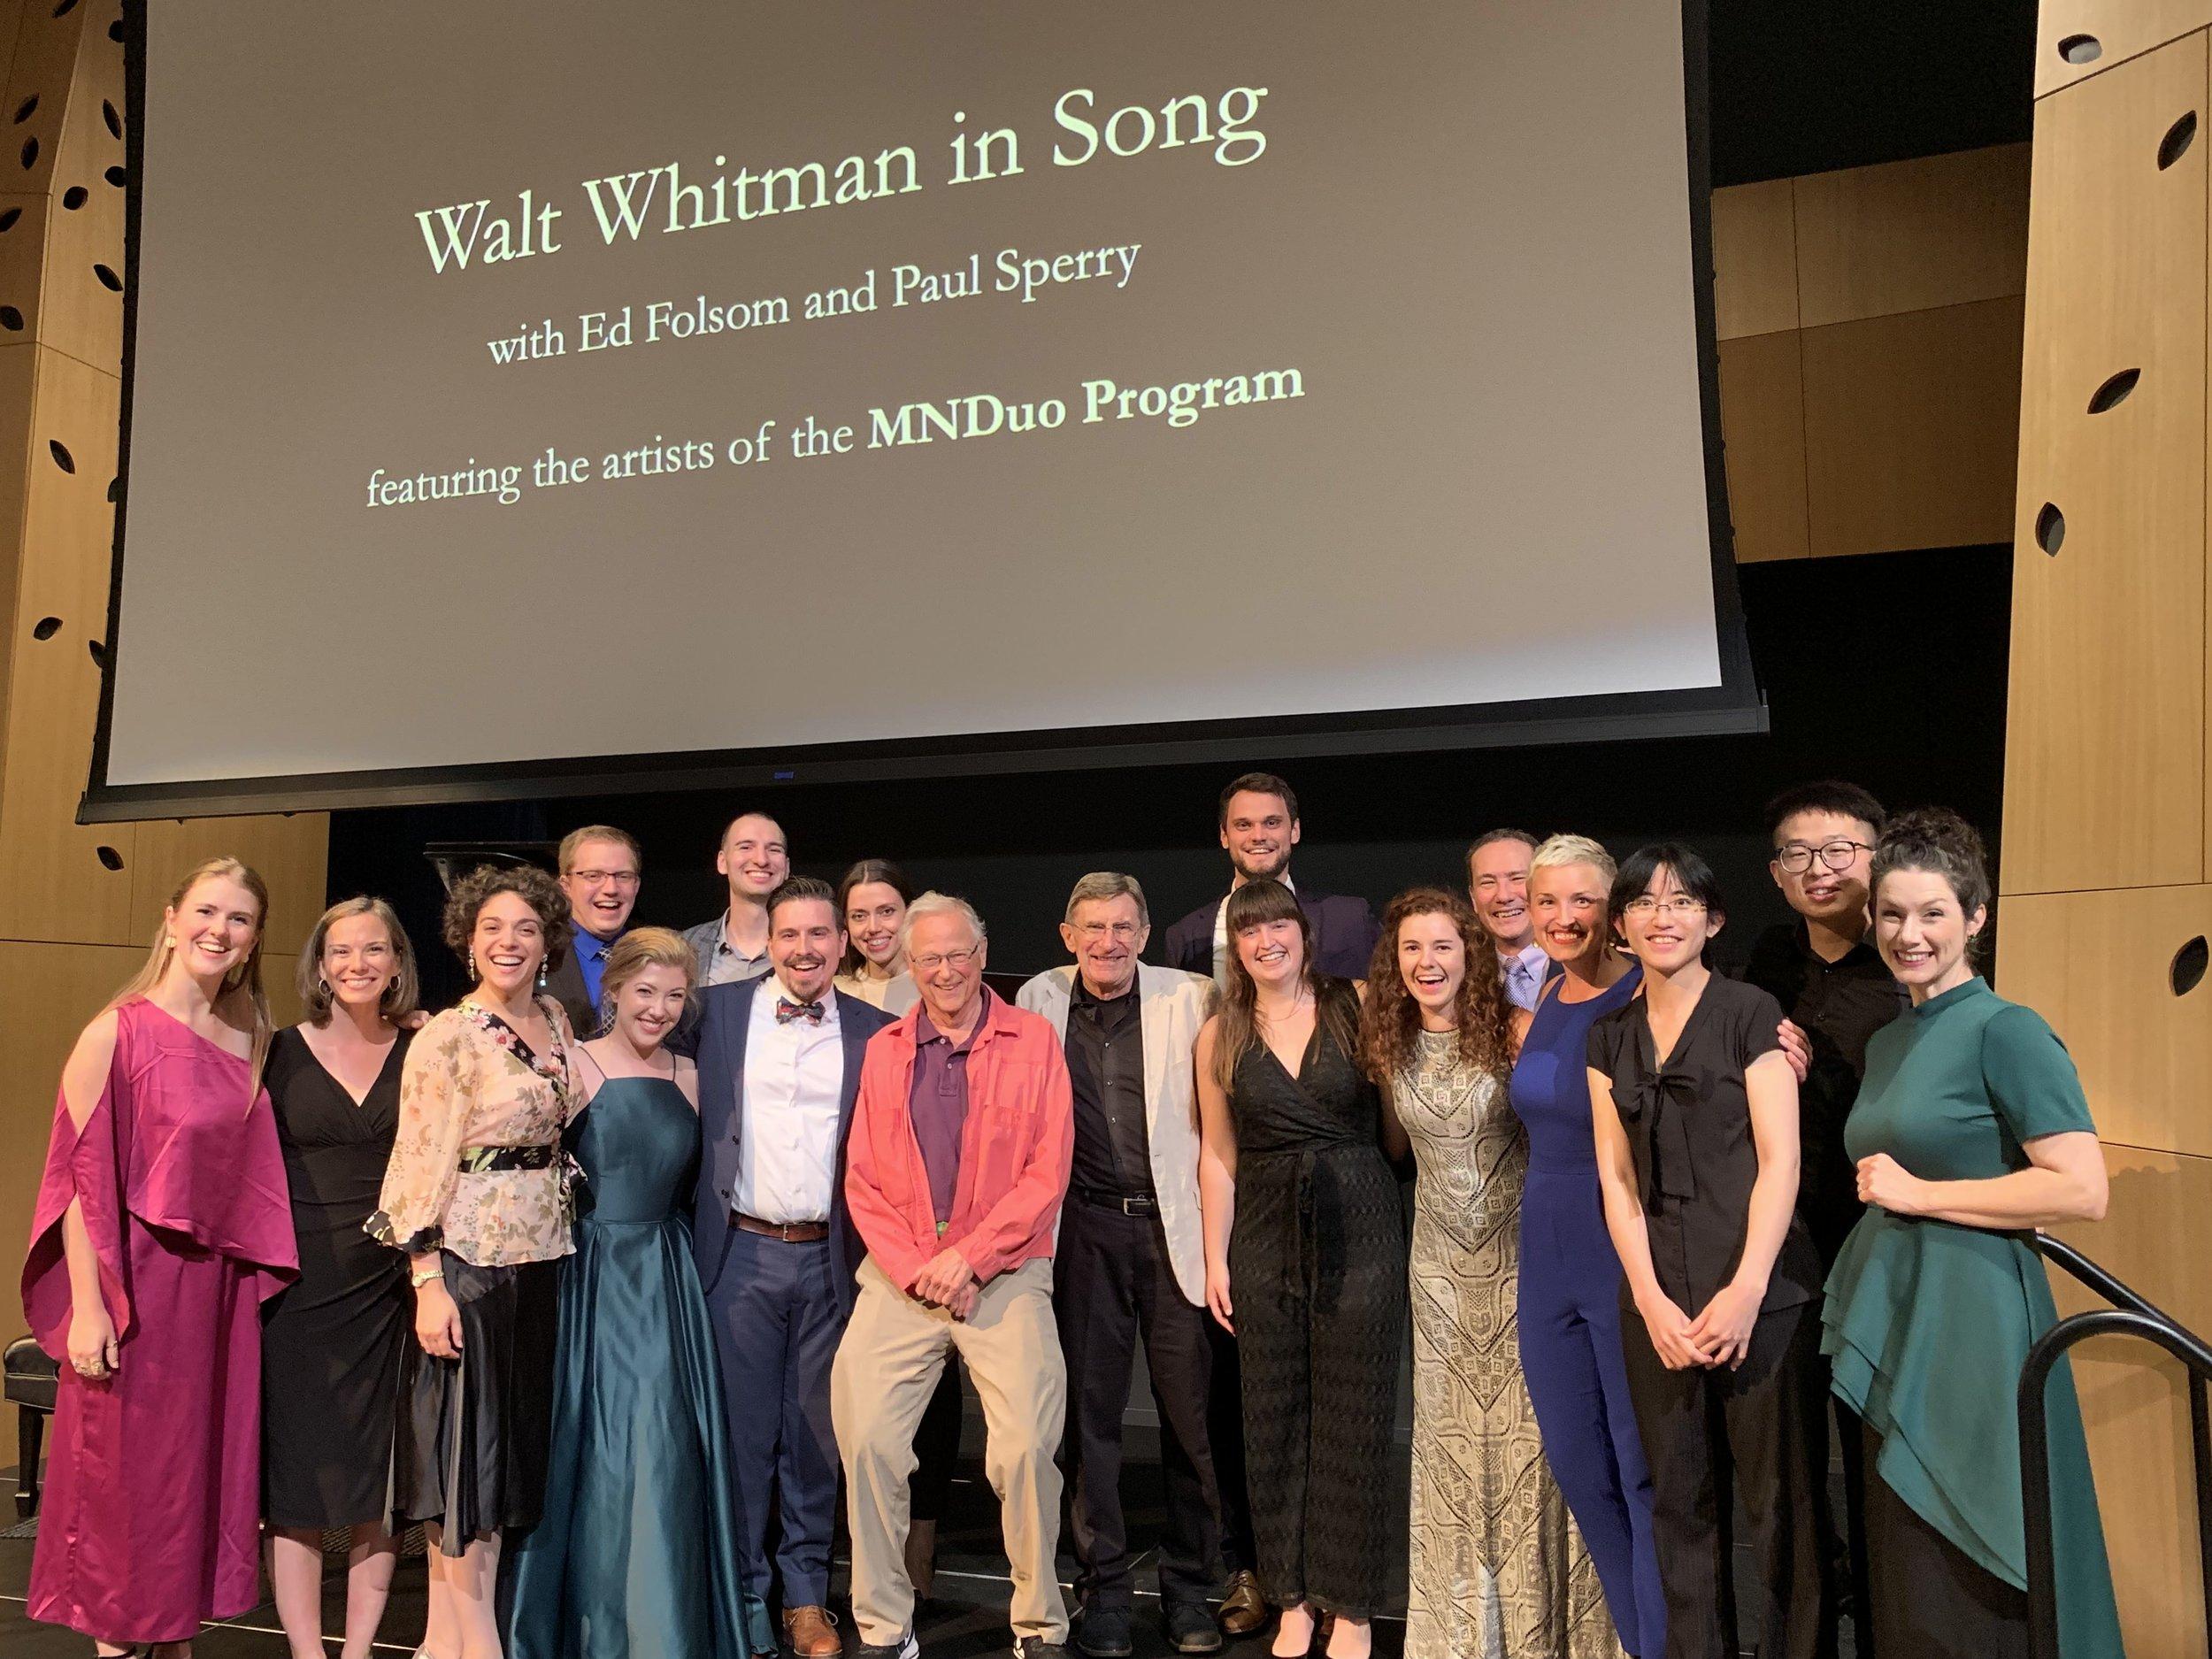 Walt Whitman in Song